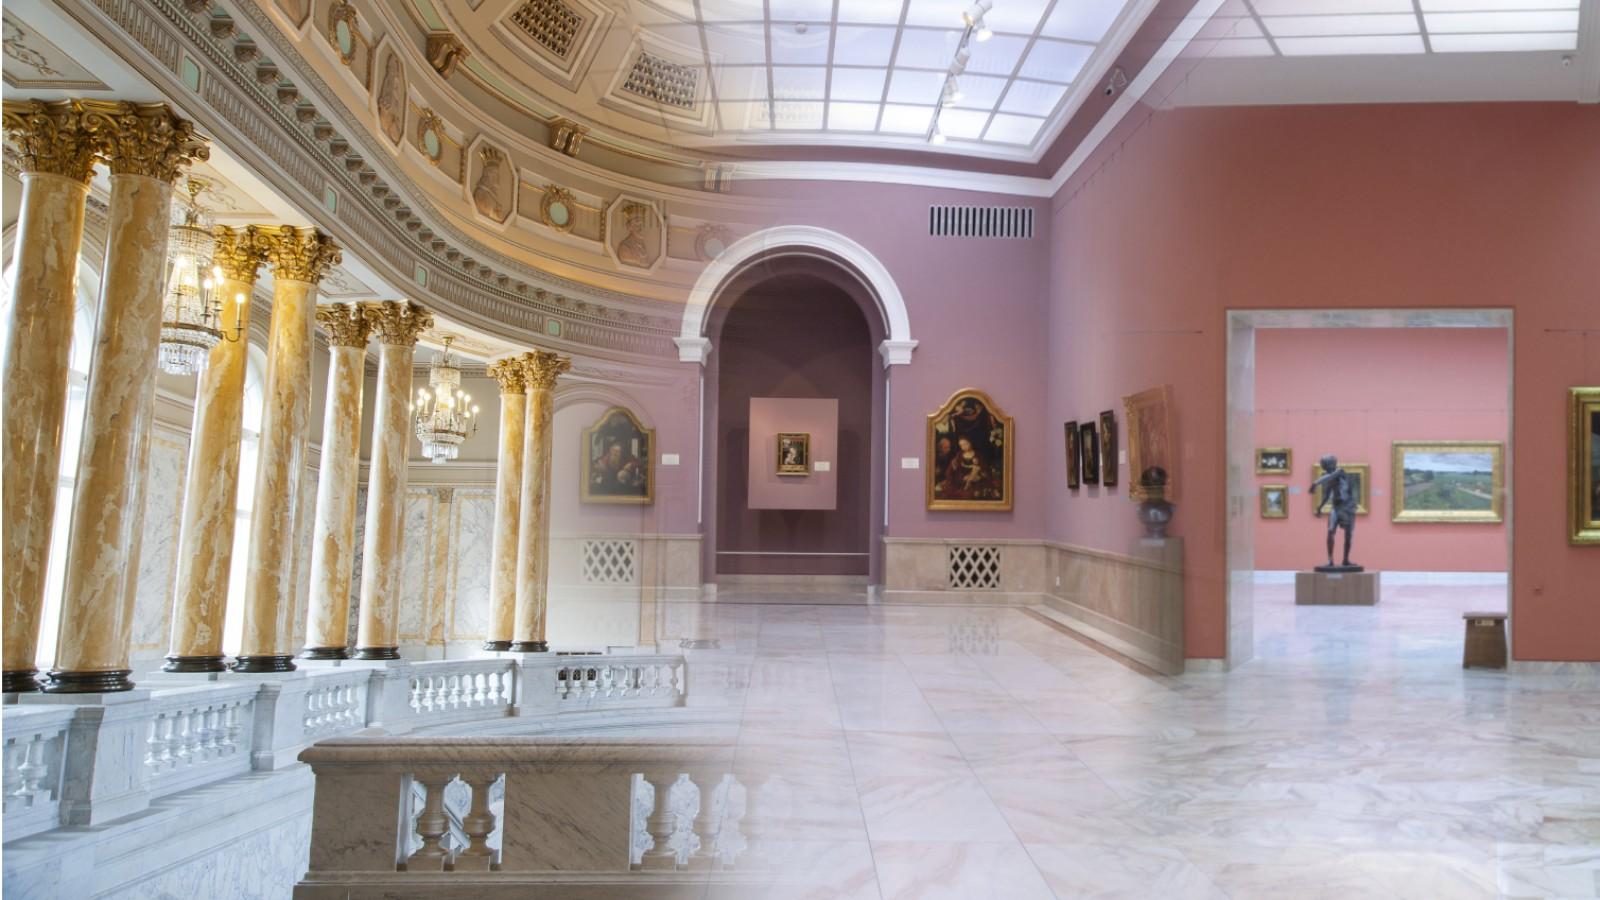 MNAR Complet-Galeria de Artă Europeană,Galeria Națională,Spațiile Istorice